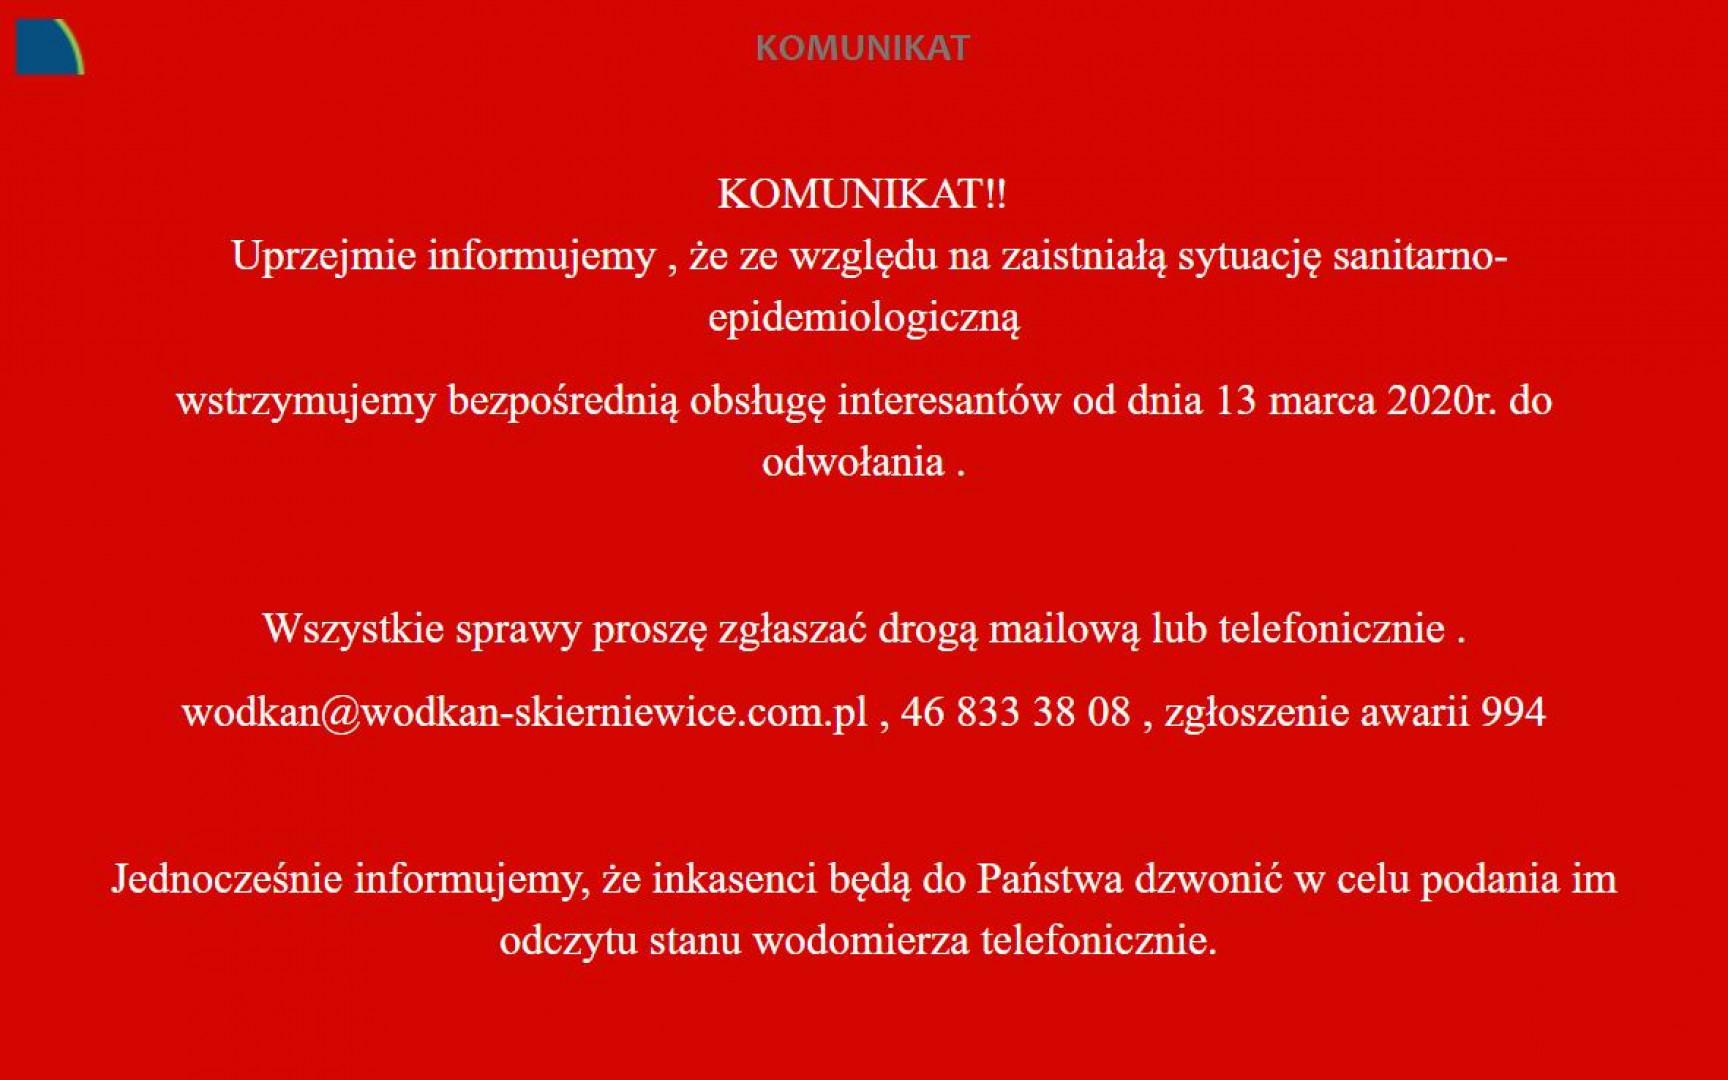 Komunikat WOD-KAN Skierniewice